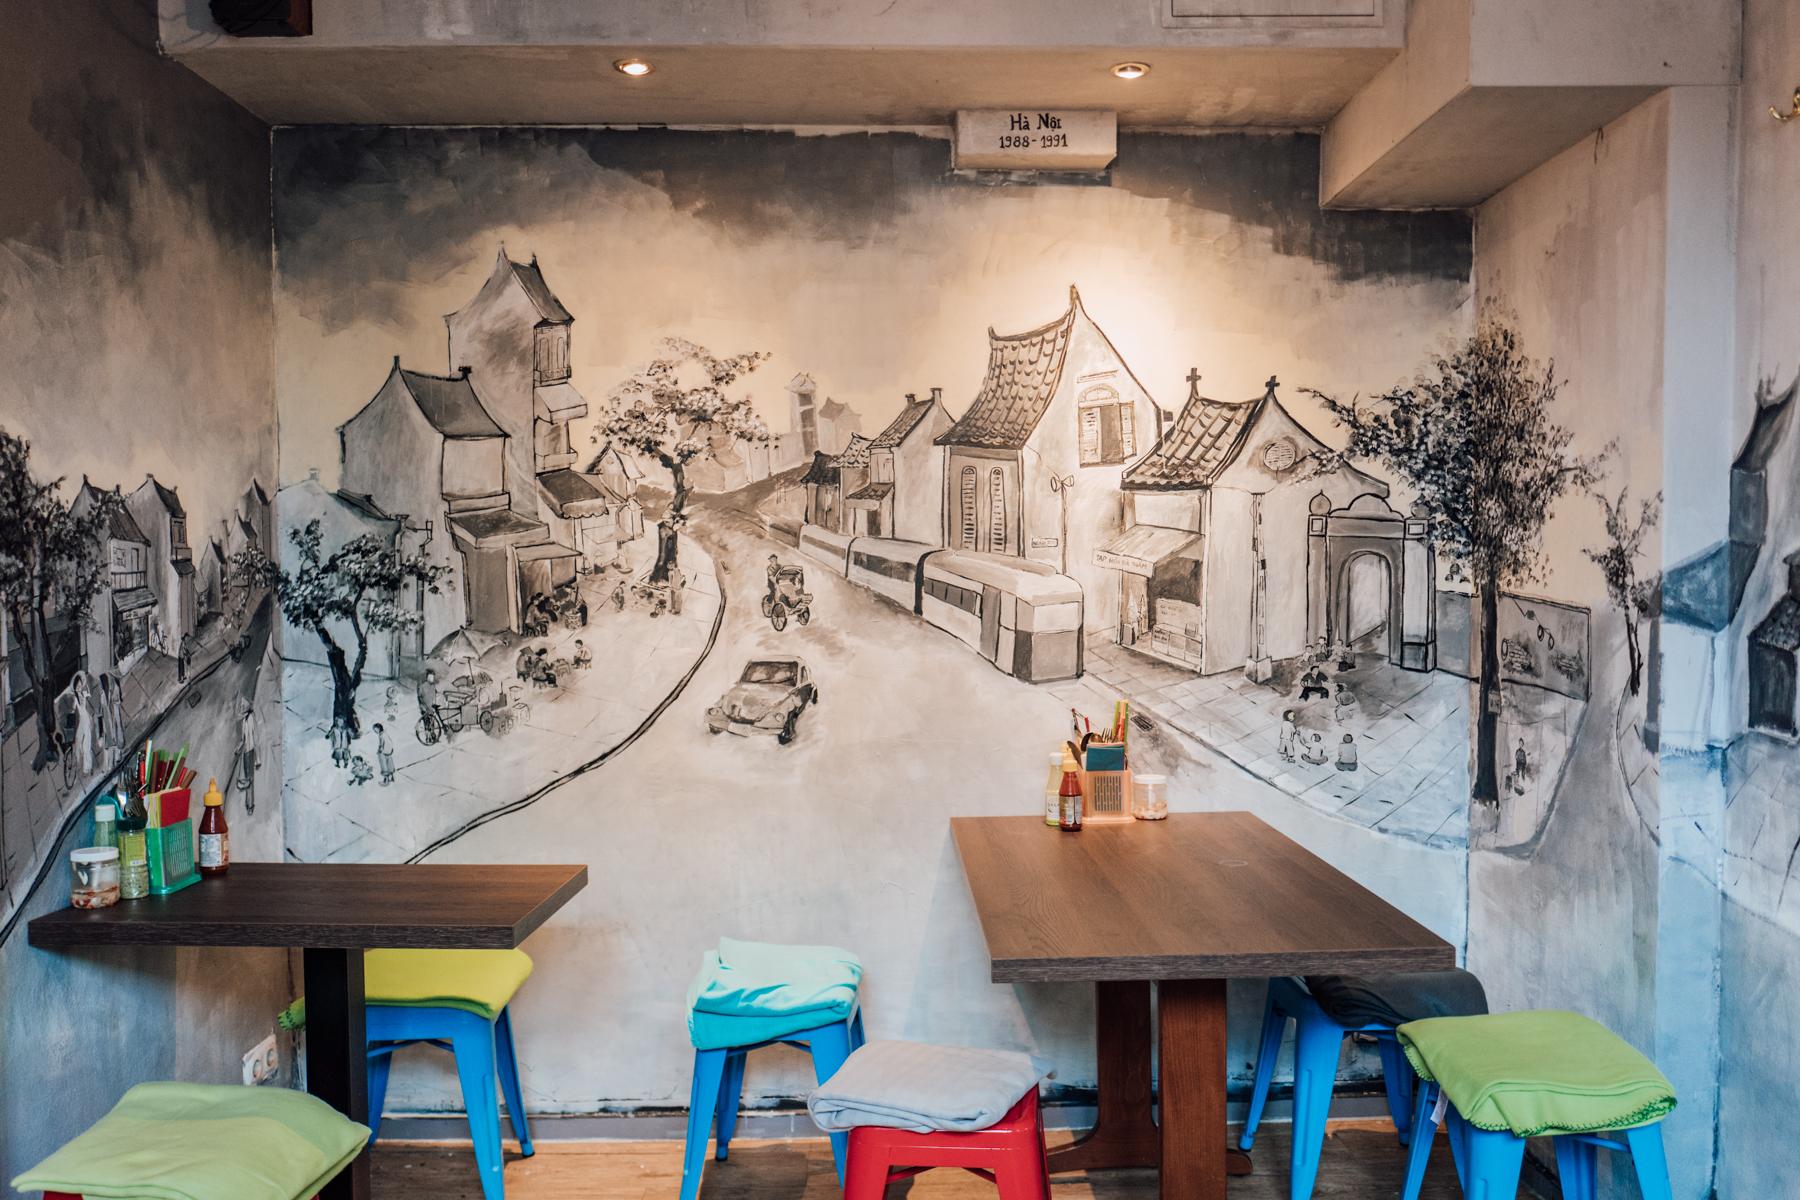 geheimtipp Hamburg St Georg Essen & Trinken Restaurant Pho & Rice Lisa Knauer 9